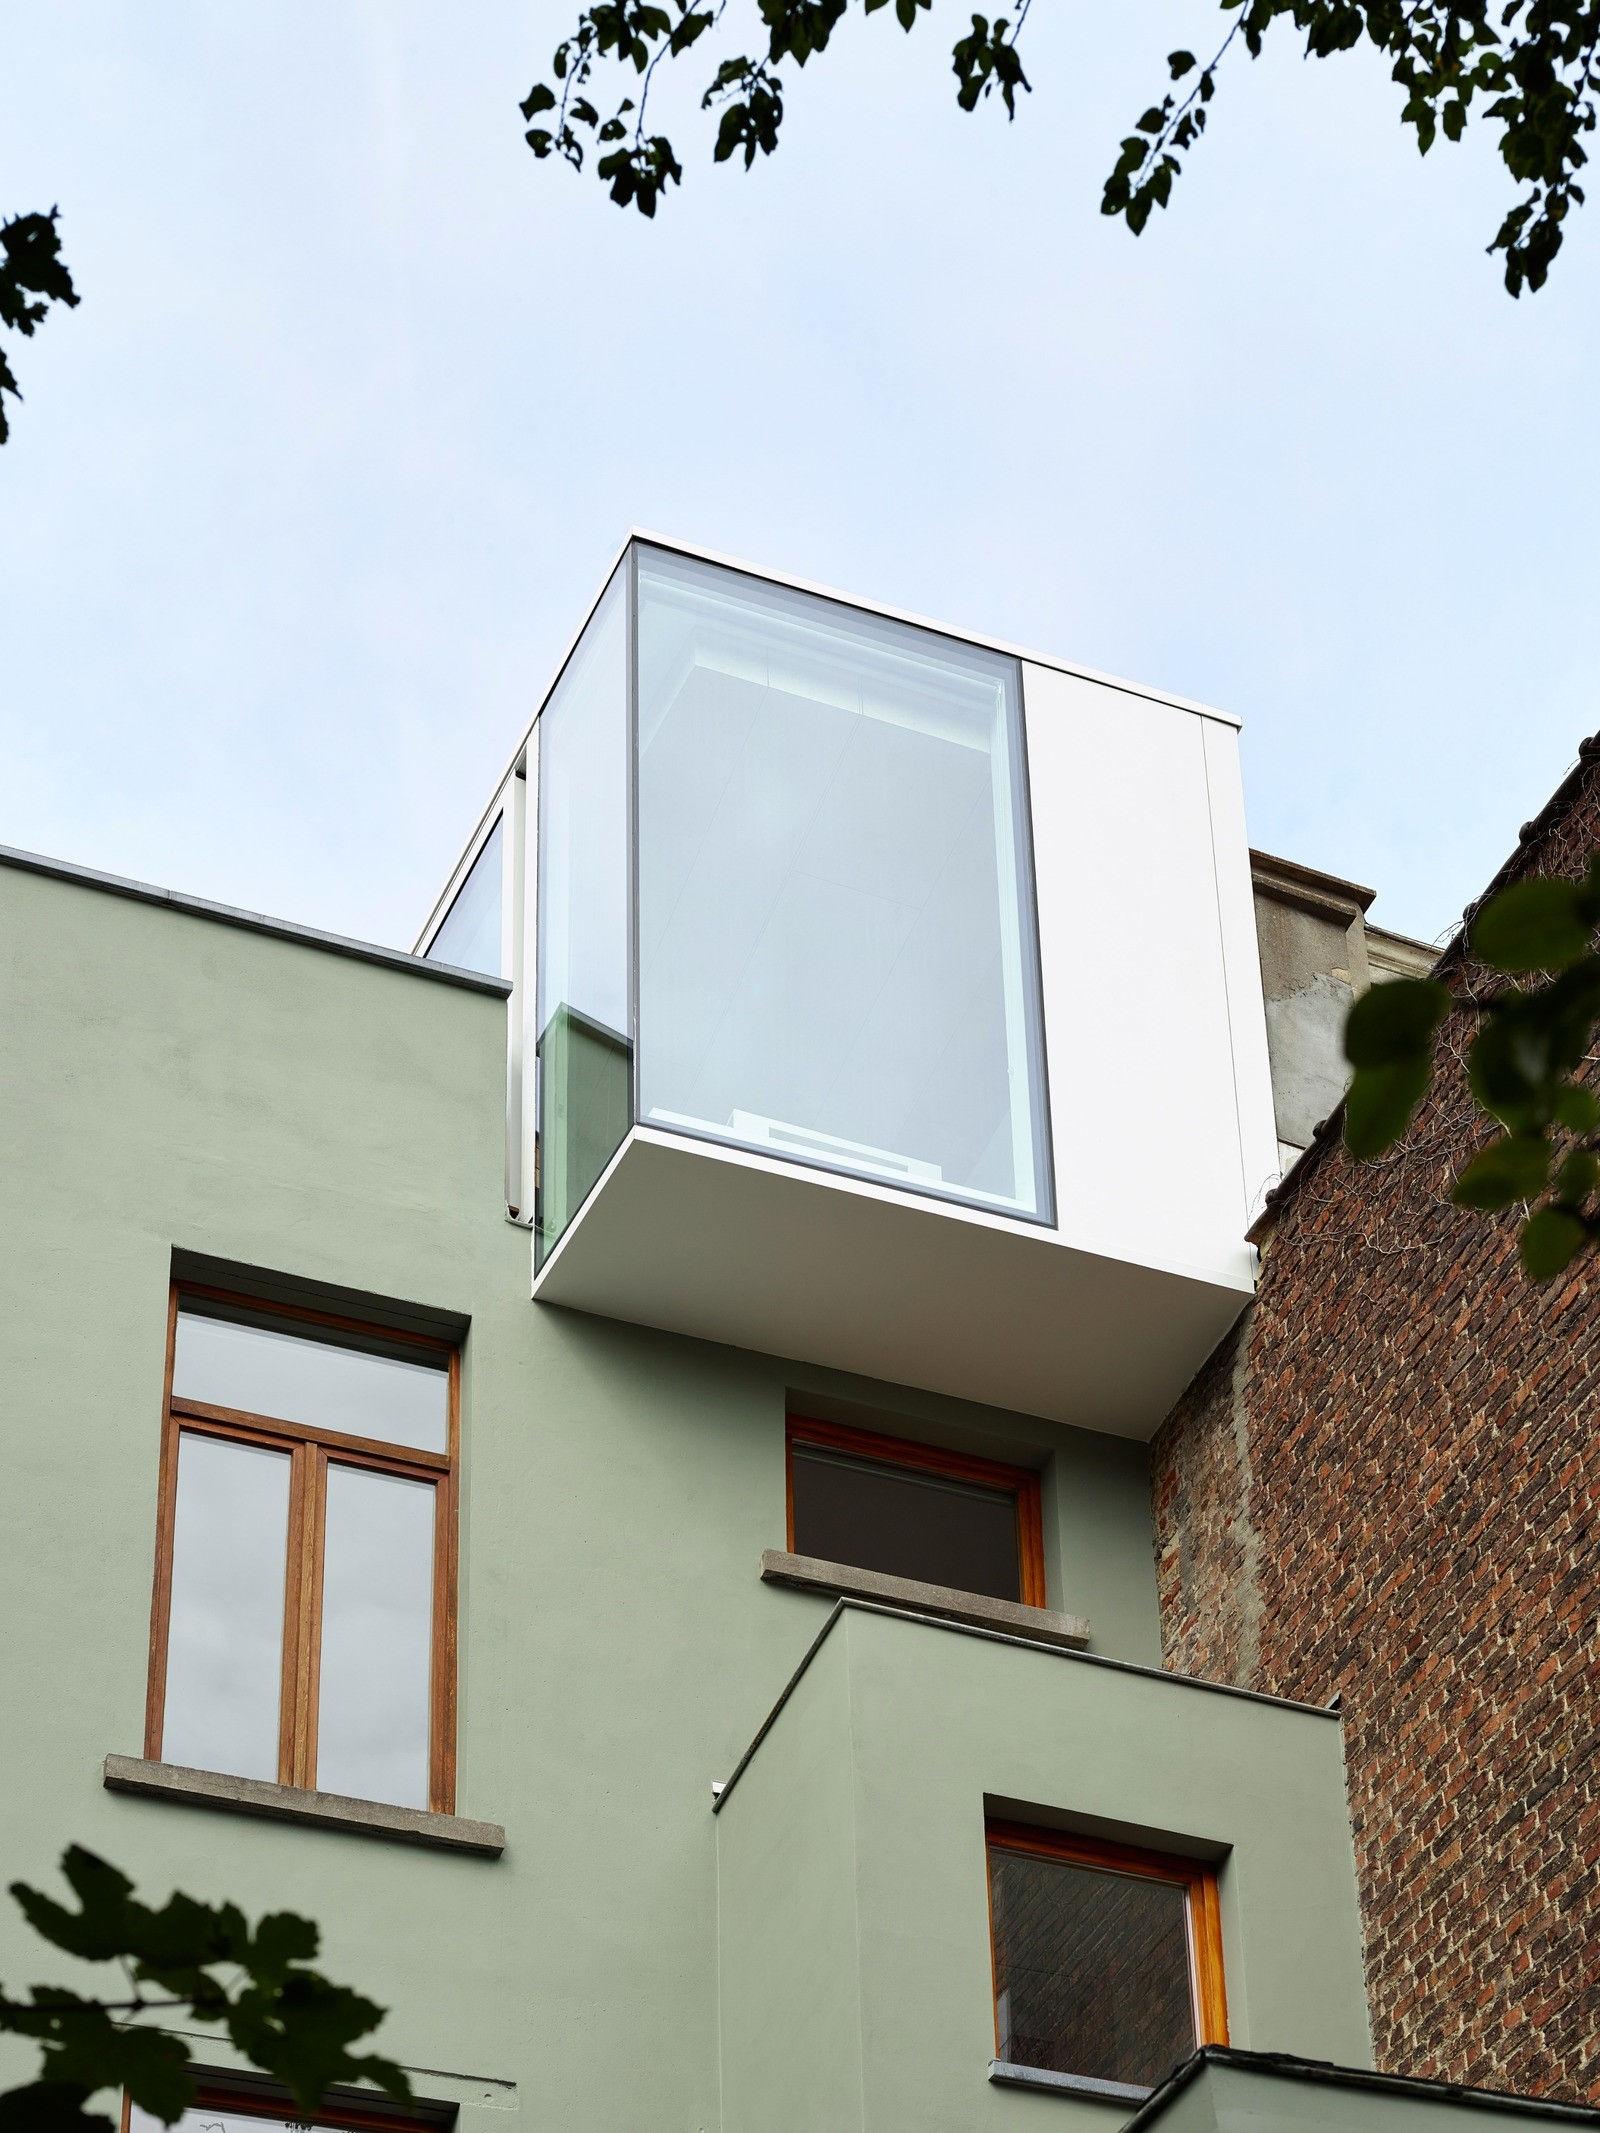 House-in-Belgium-just3ds.com-2